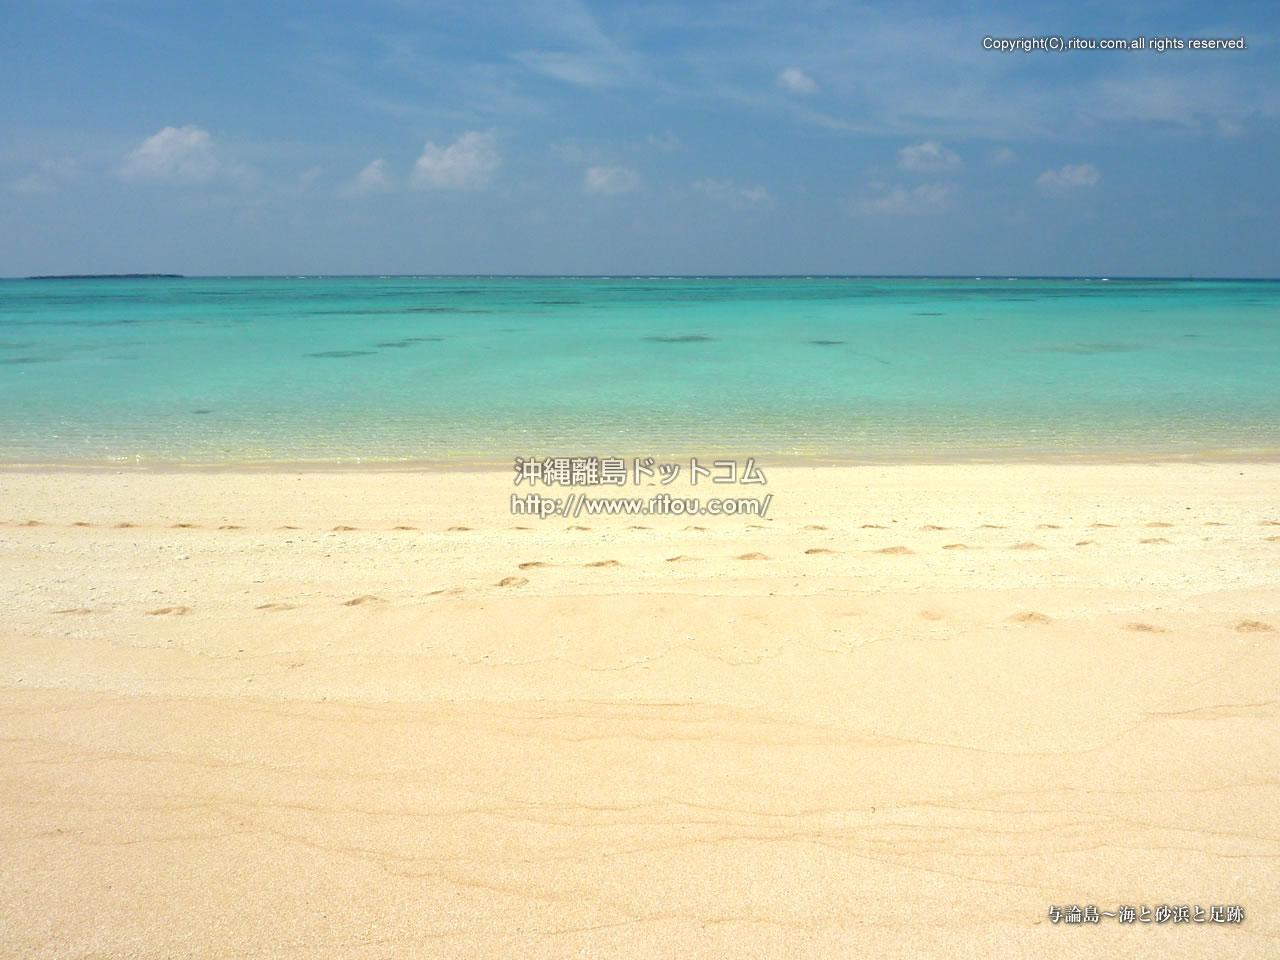 与論島〜海と砂浜と足跡